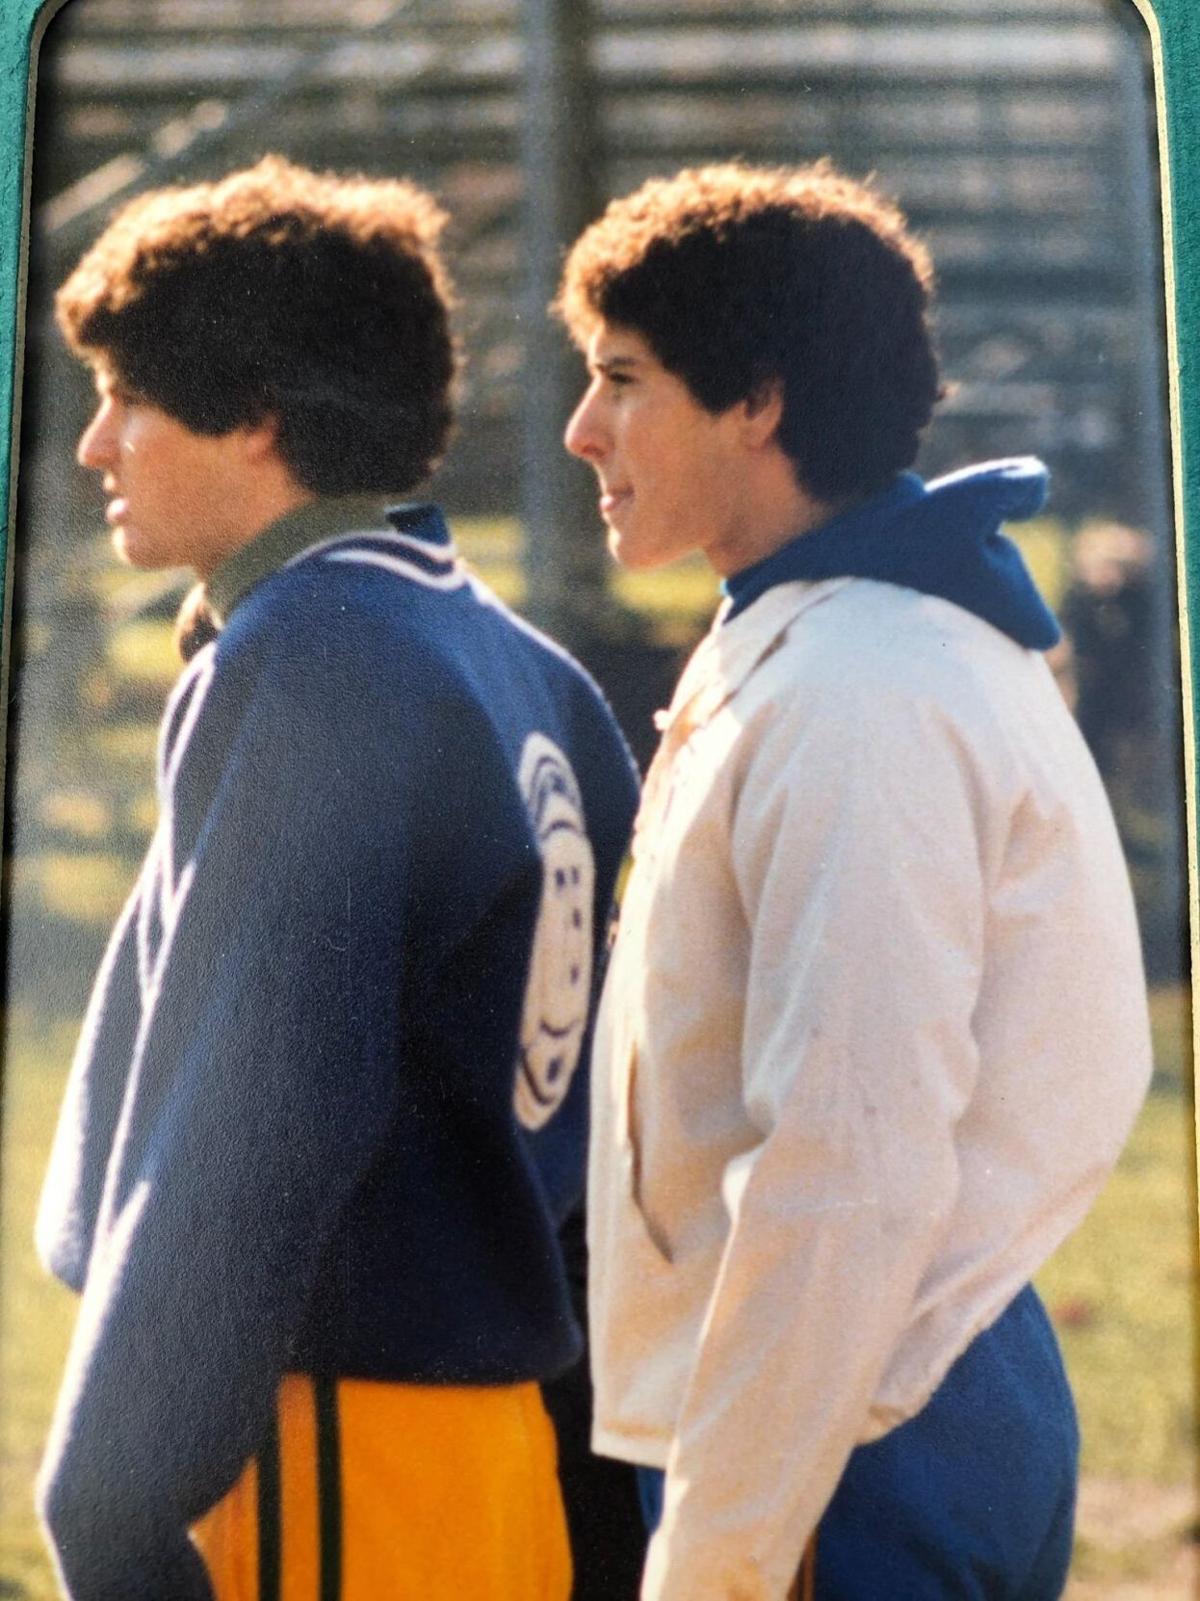 Teshkoyans in 1985